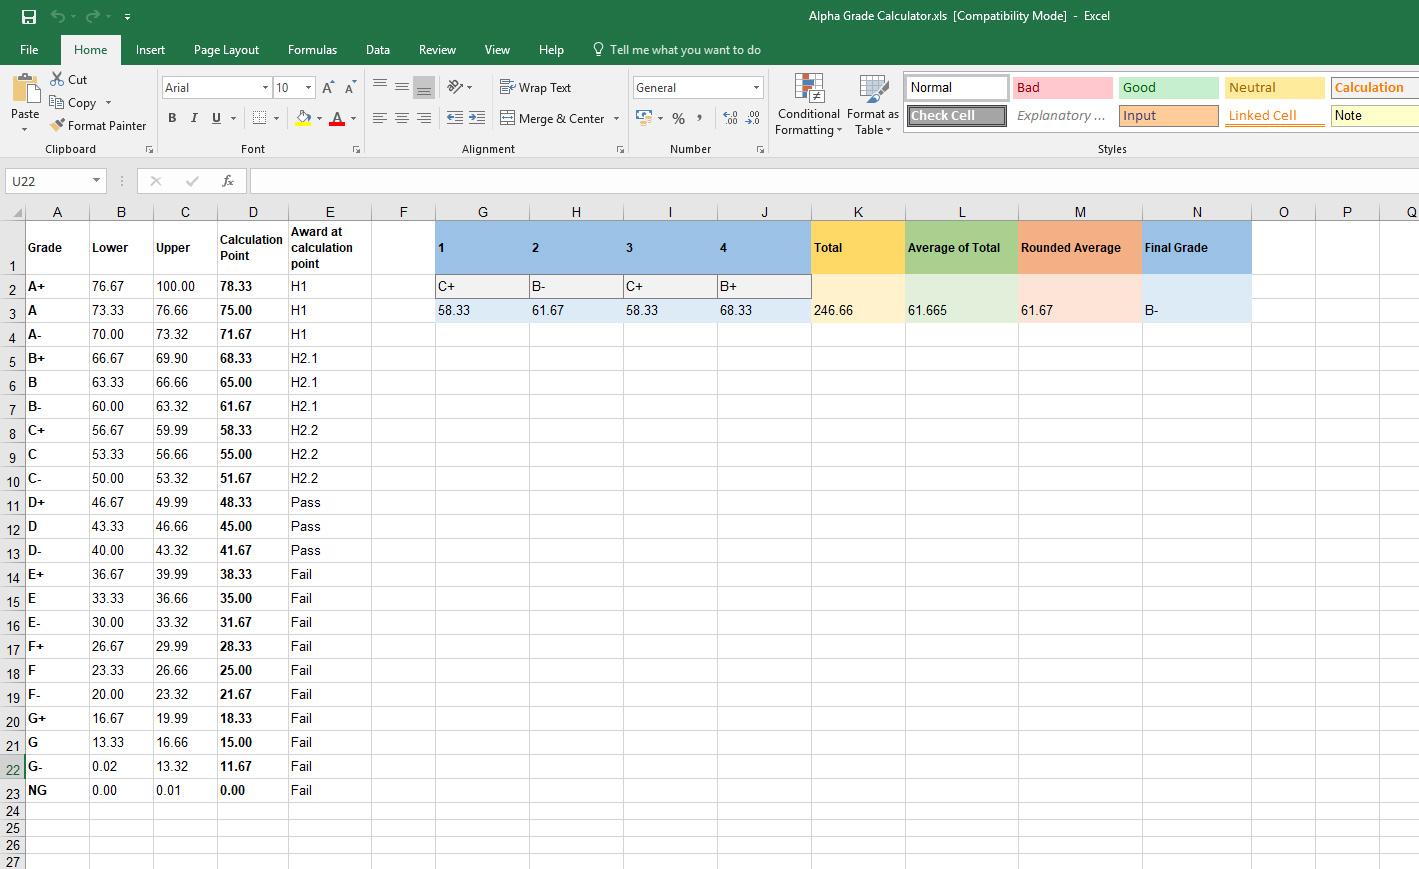 Gradey Alpha Grade Average Calculator as a MS Excel Spreadsheet